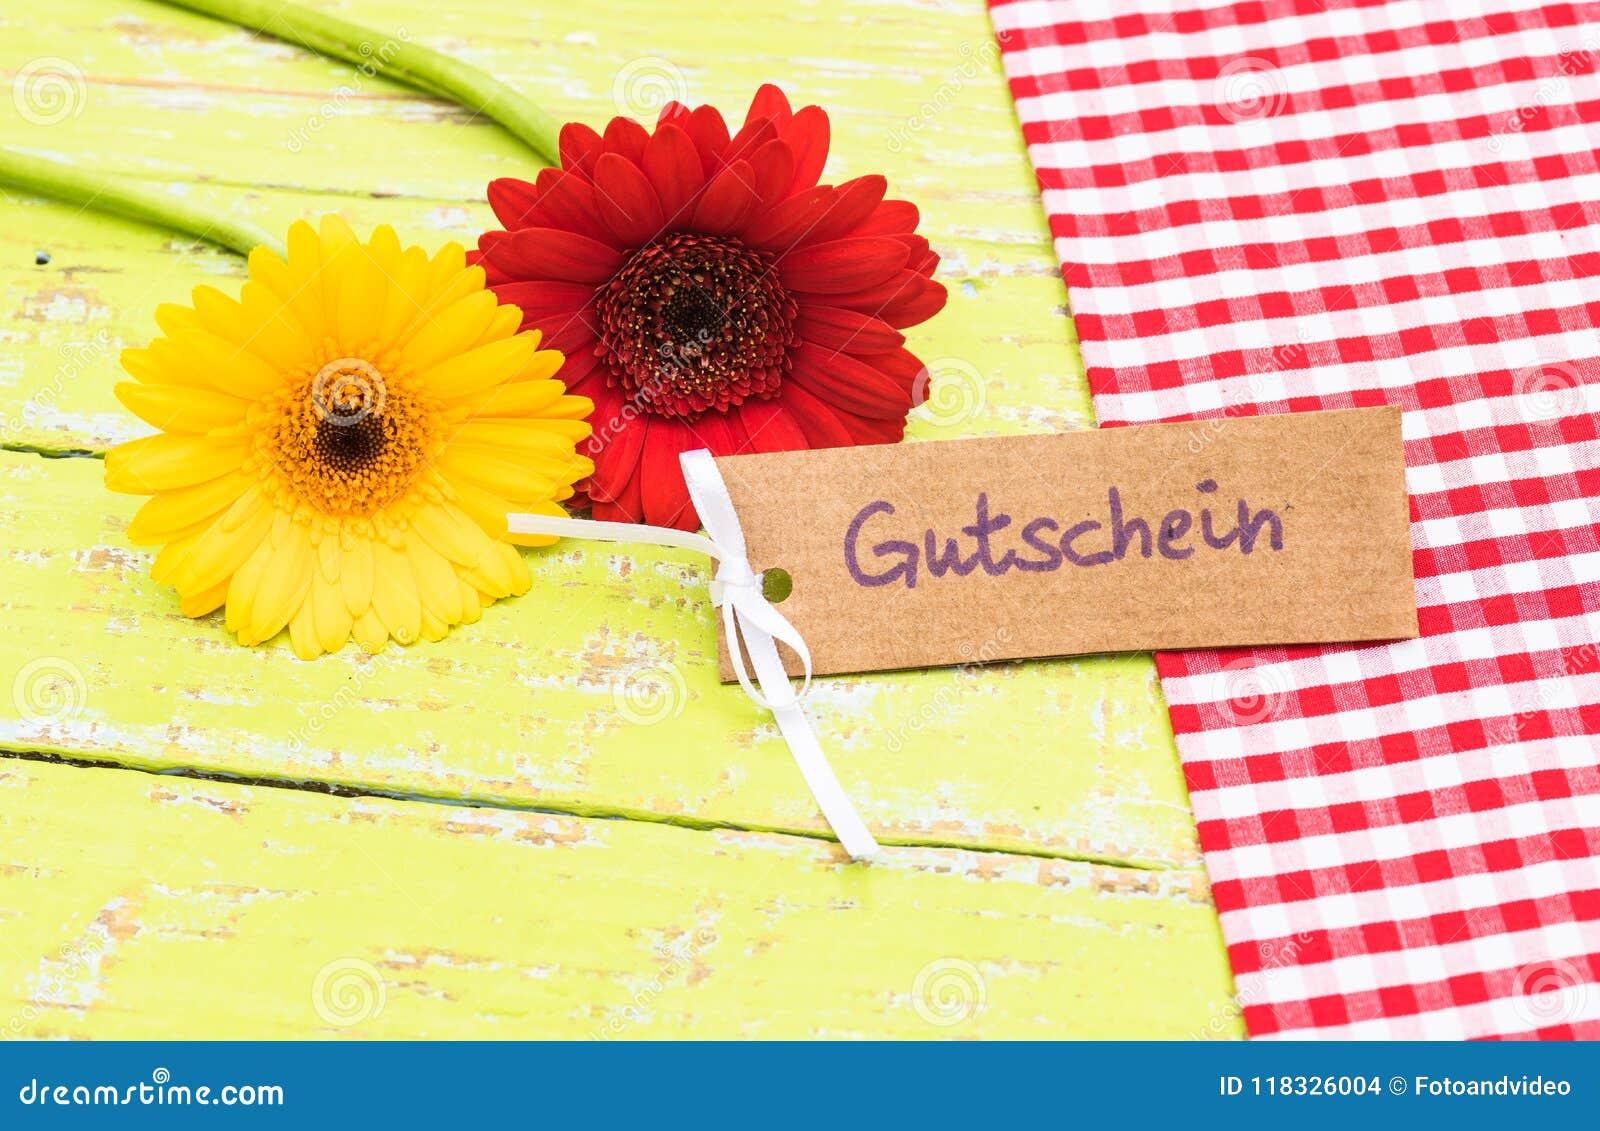 Bloemen en giftkaart met Duitse woord, Gutschein, middelenbon of coupon